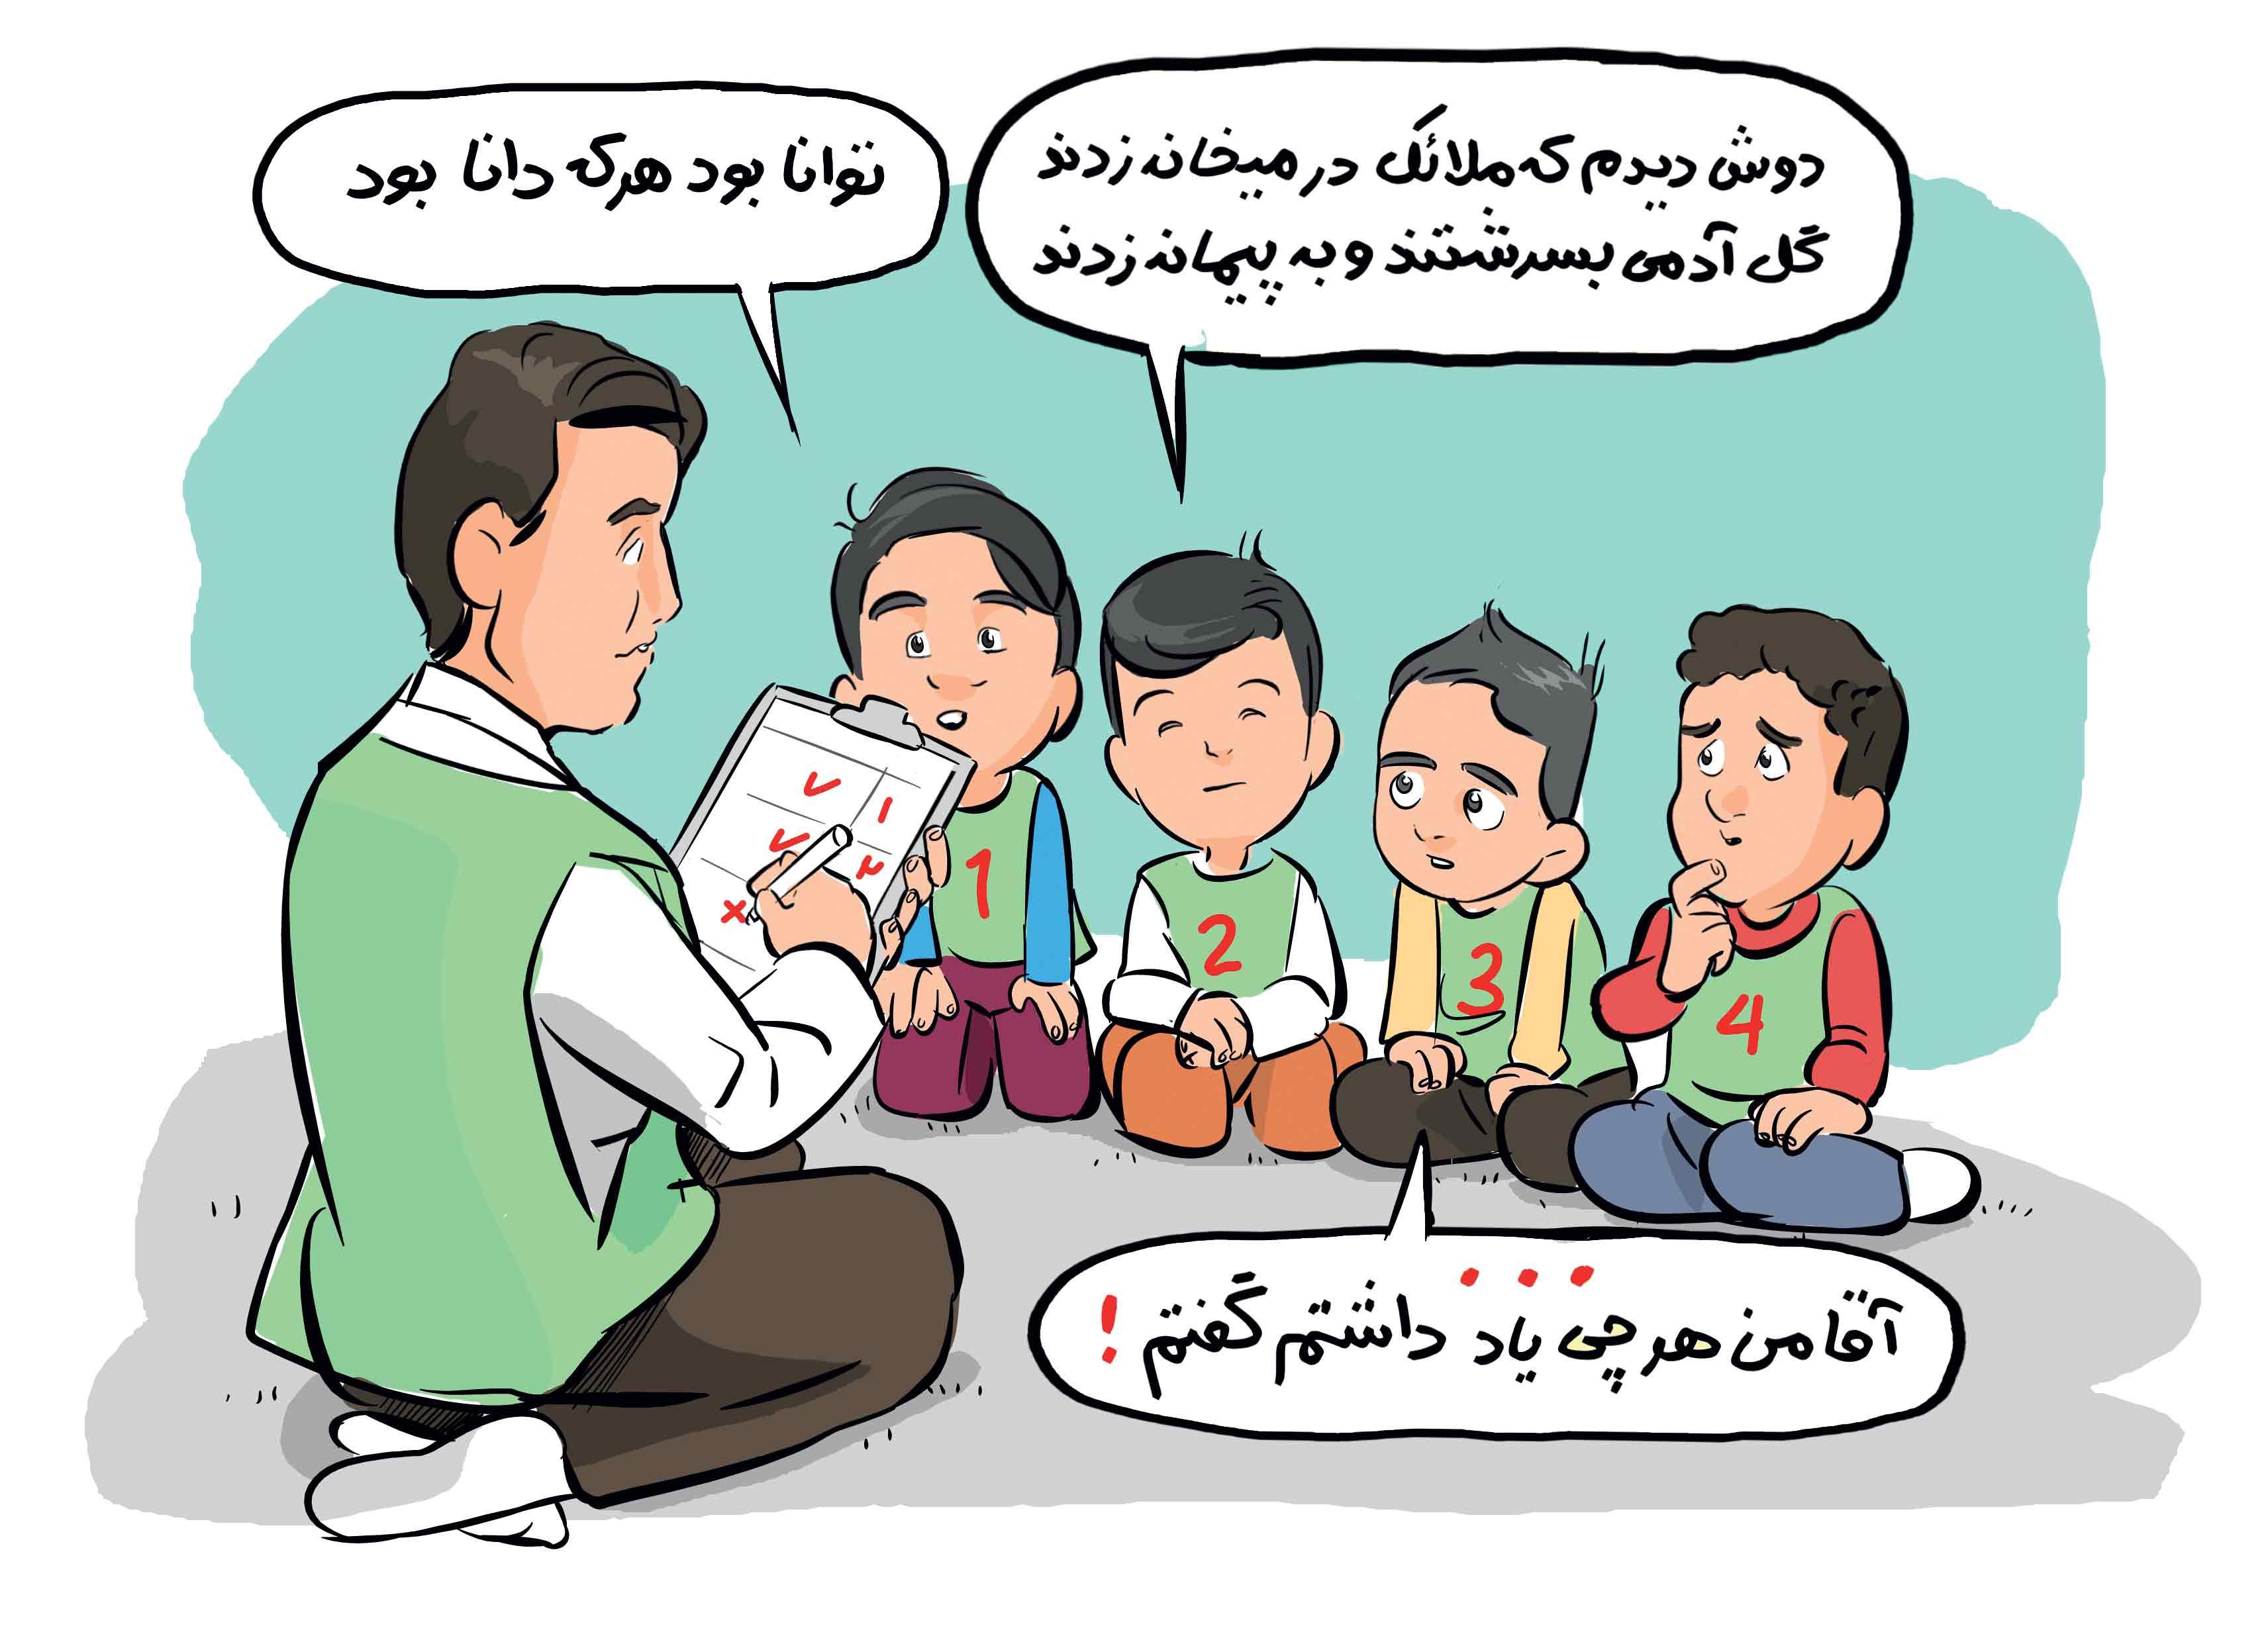 ایده و اجرا: نیره حسینی - سعید مرادی